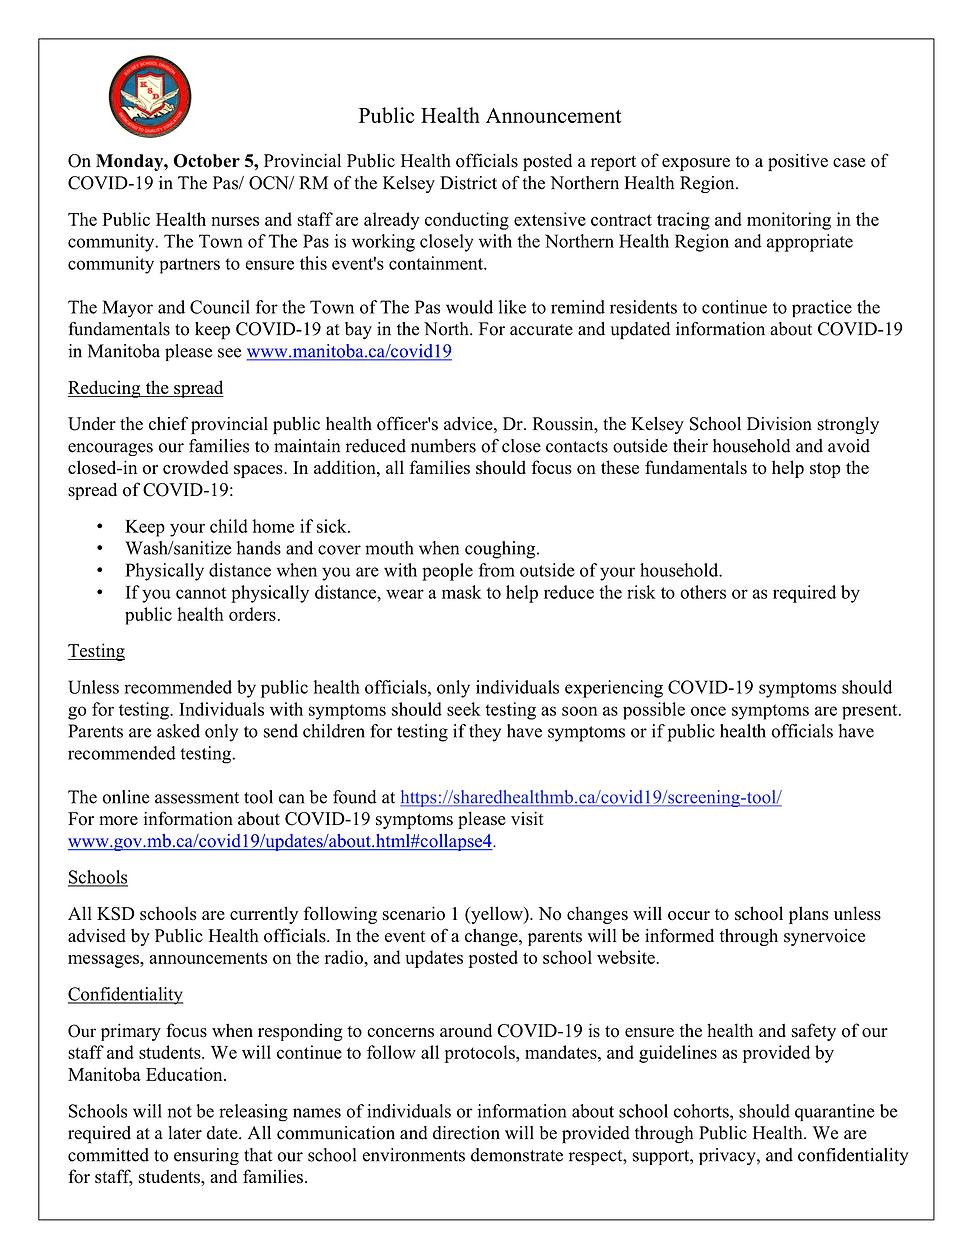 Public Health Announcement - KSD Website